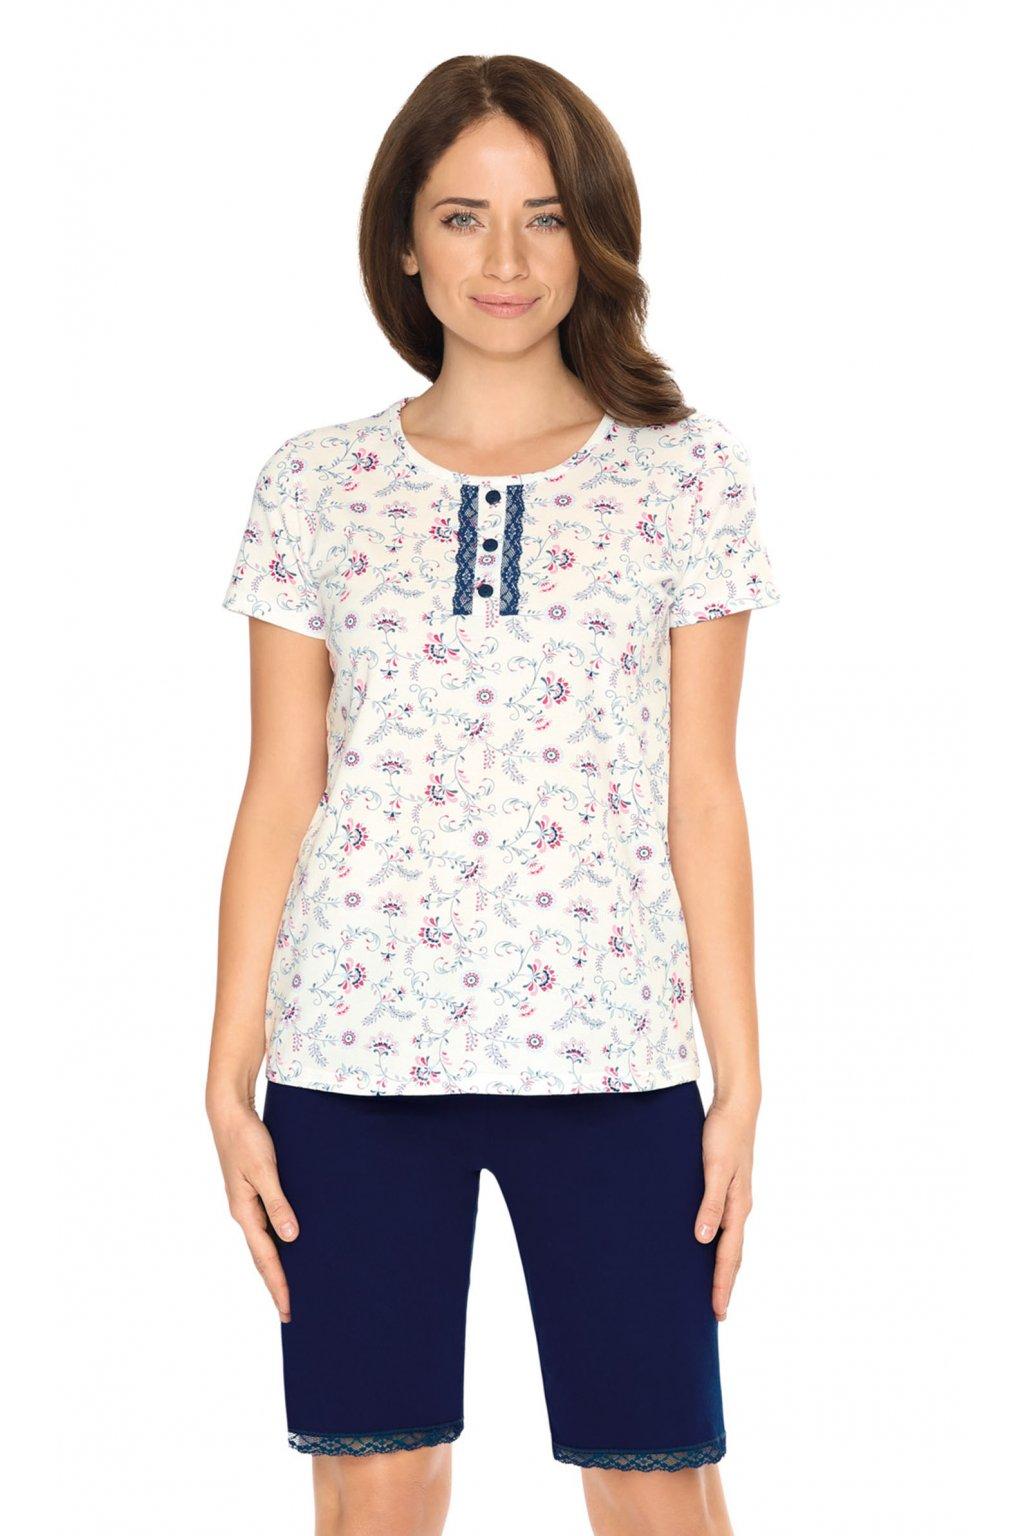 Dámské pyžamo s krátkým rukávem, 104526 163, tmavě modrá